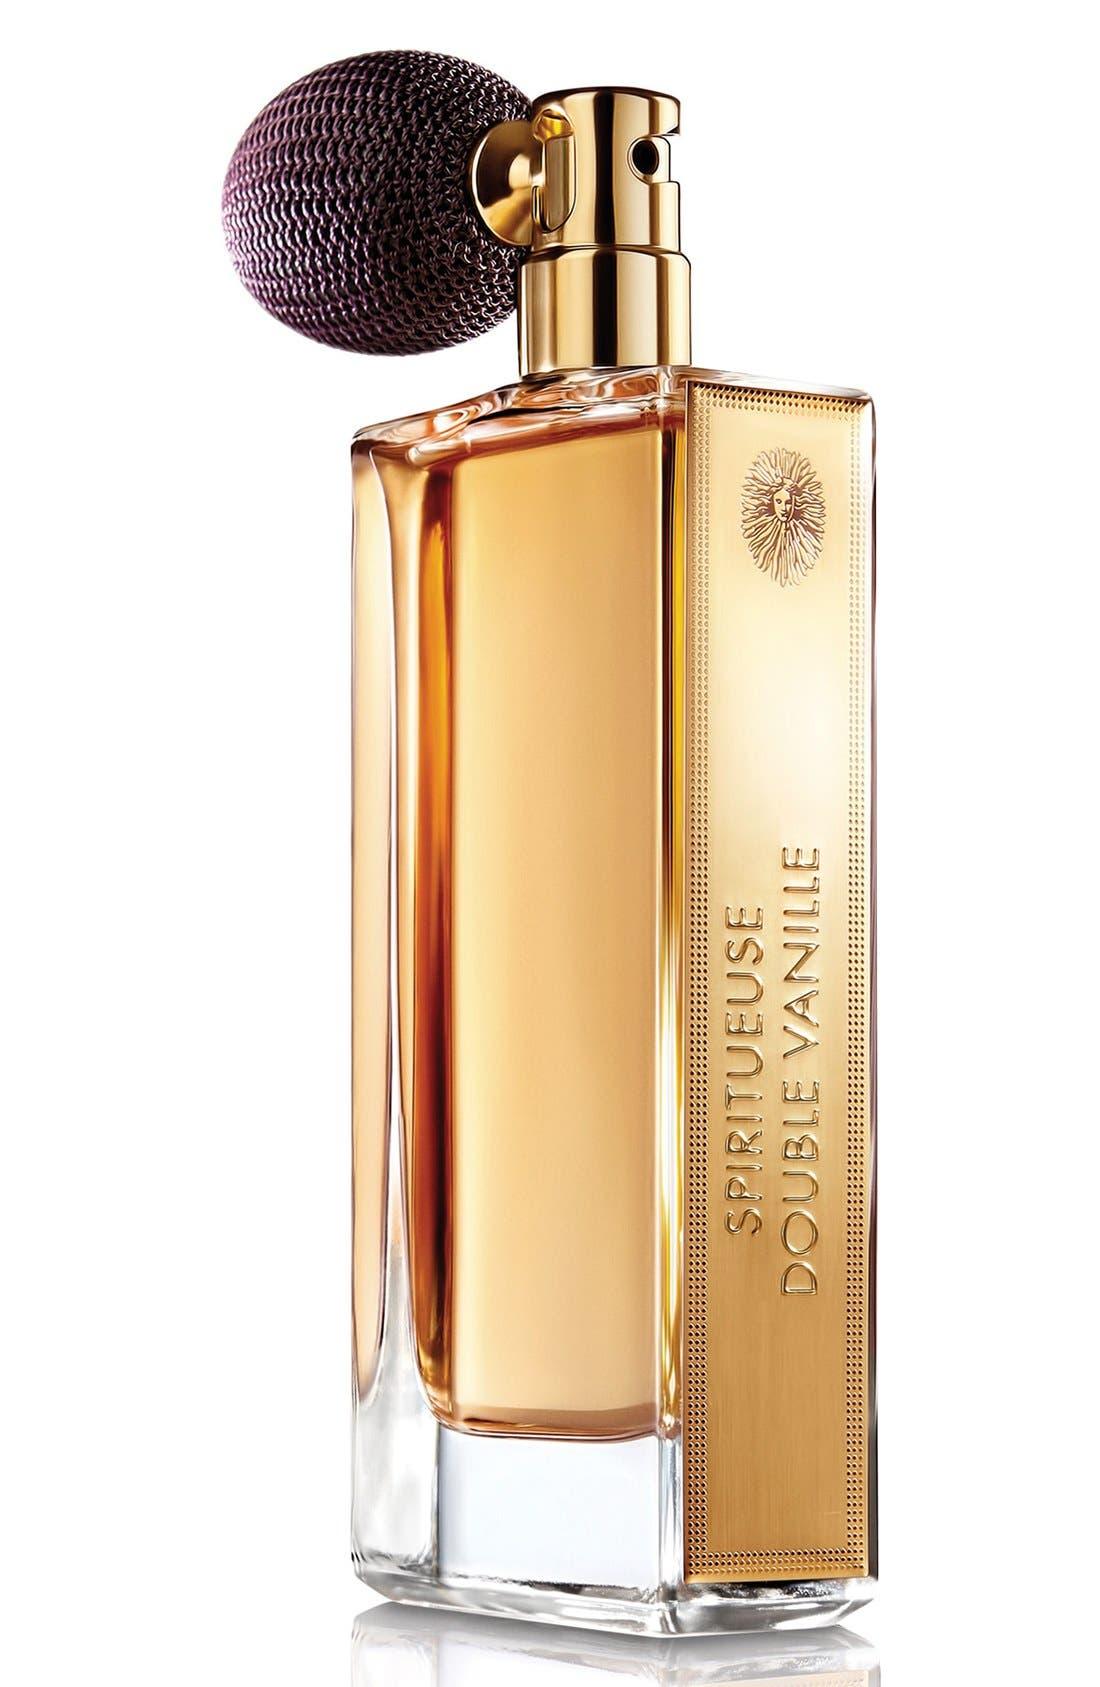 L'Art et la Matiere Spiritueuse Double Vanille Eau de Parfum,                             Main thumbnail 1, color,                             000